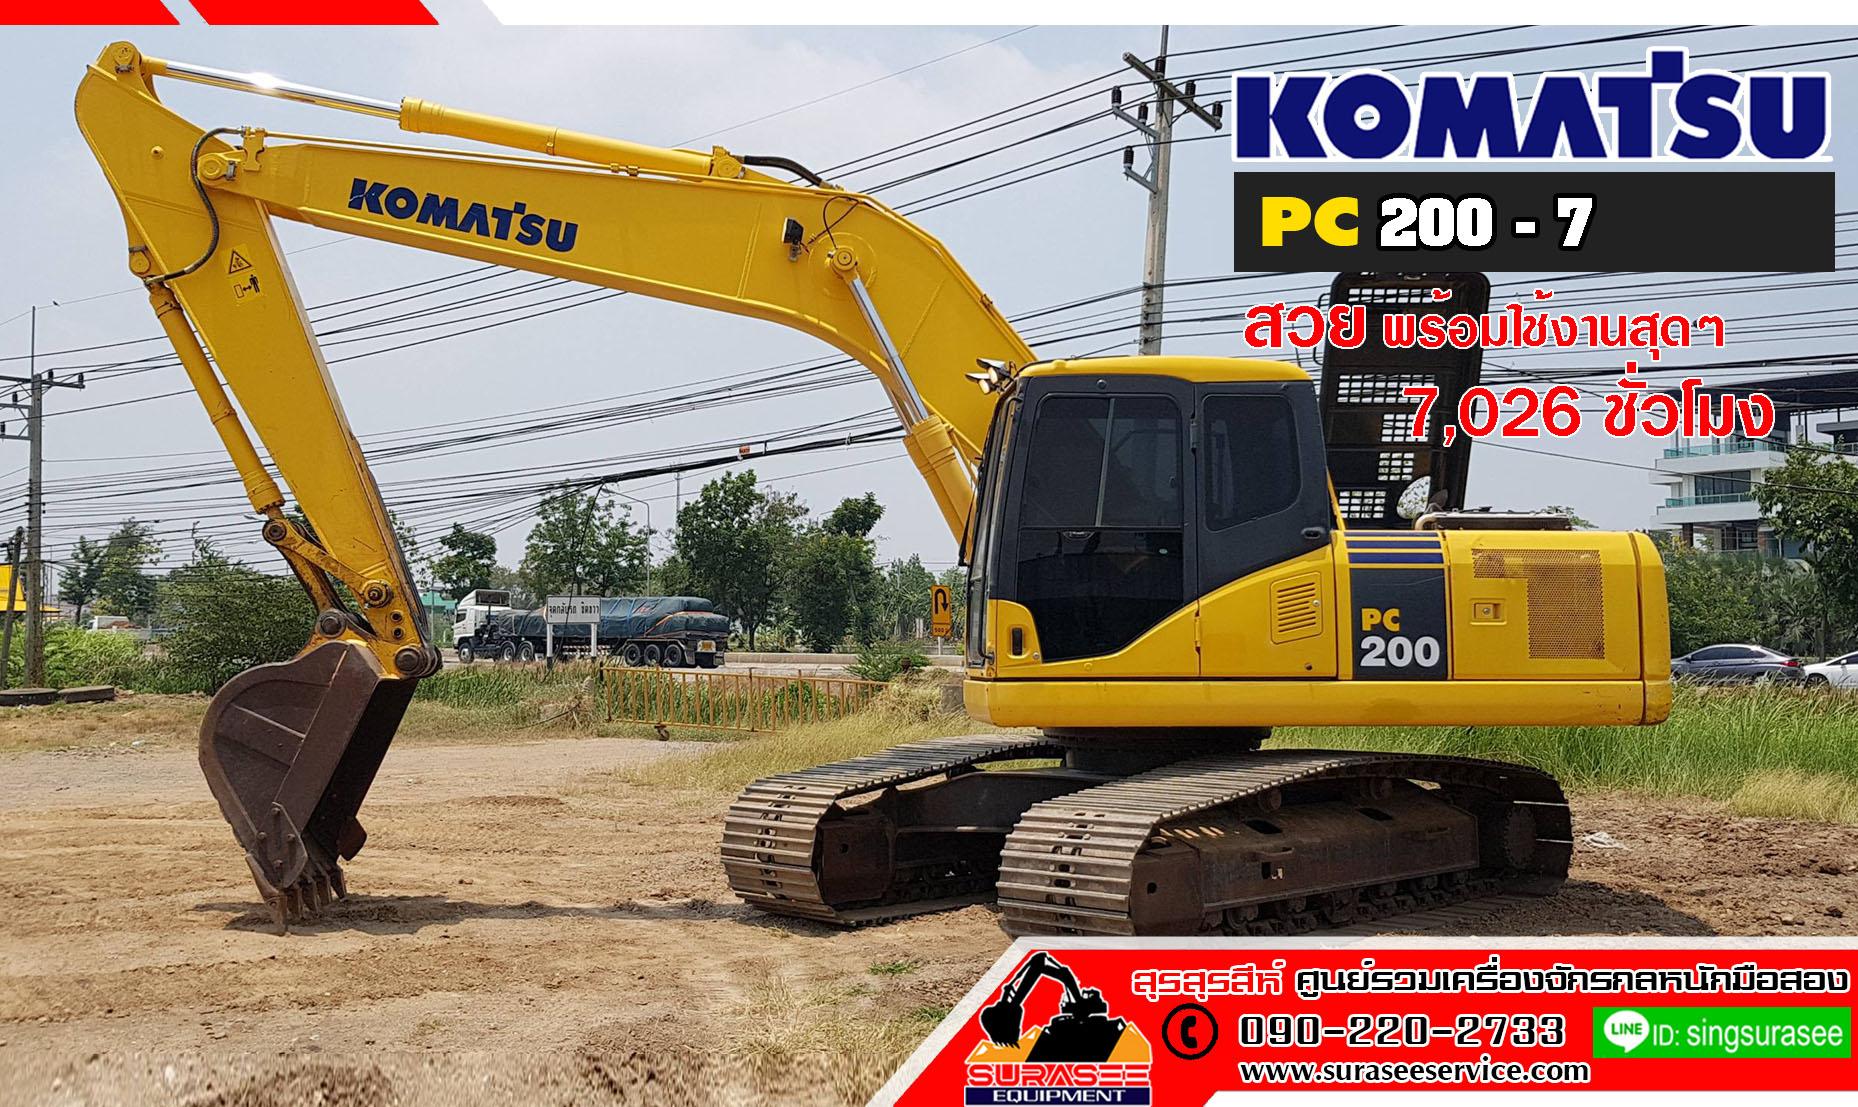 ขายรถแบ็คโฮ KOMATSU PC200-7 ใช้งาน 7 พันชั่วโมง